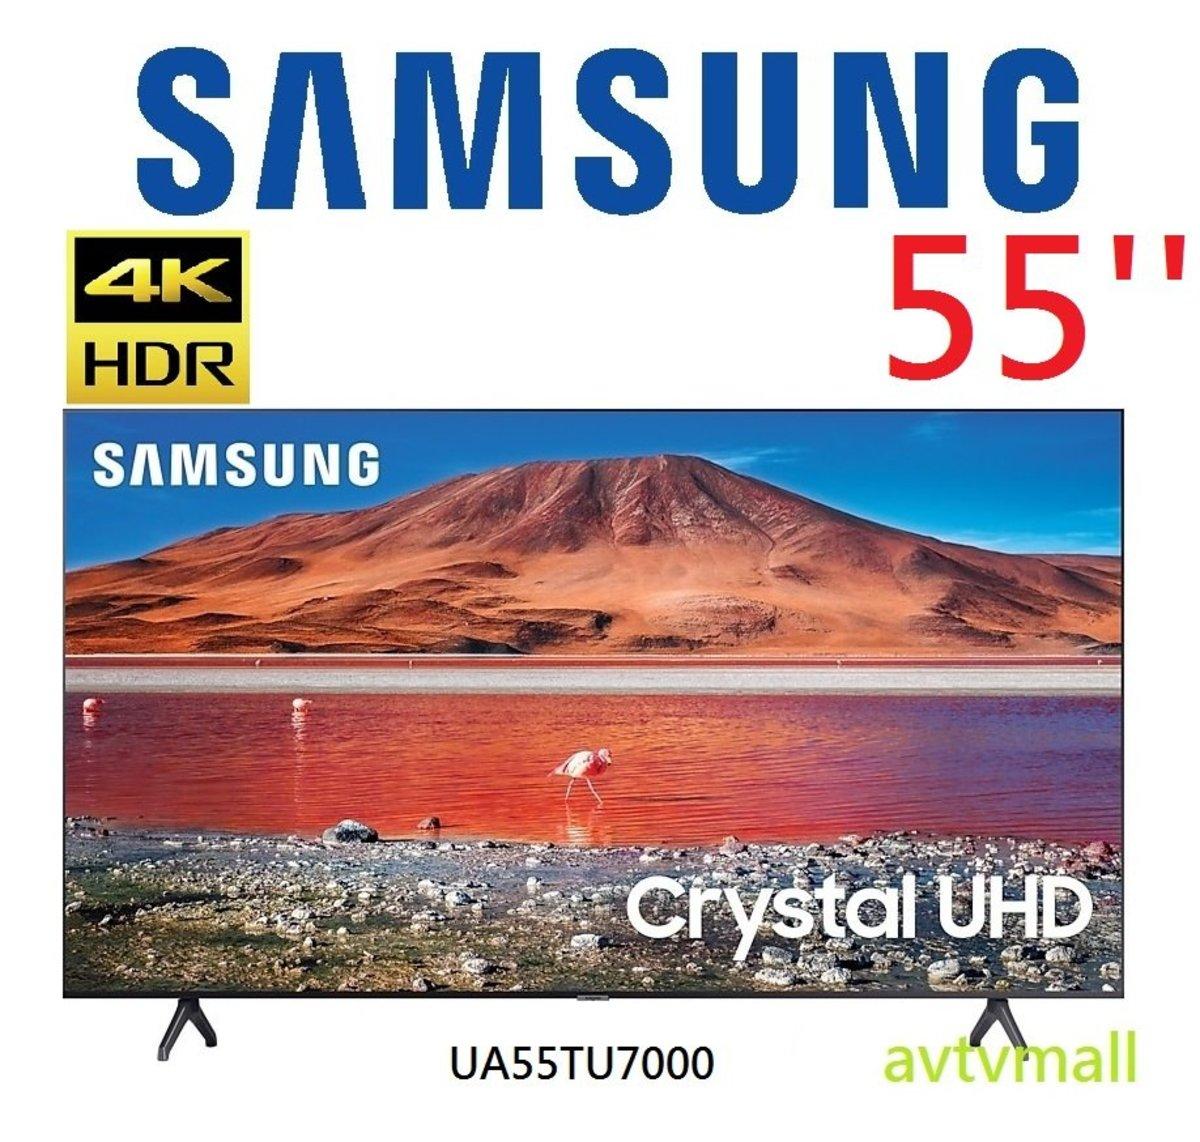 טלוויזיה Samsung UE65TU7172 4K 65 3 שנים אחריות י שלום